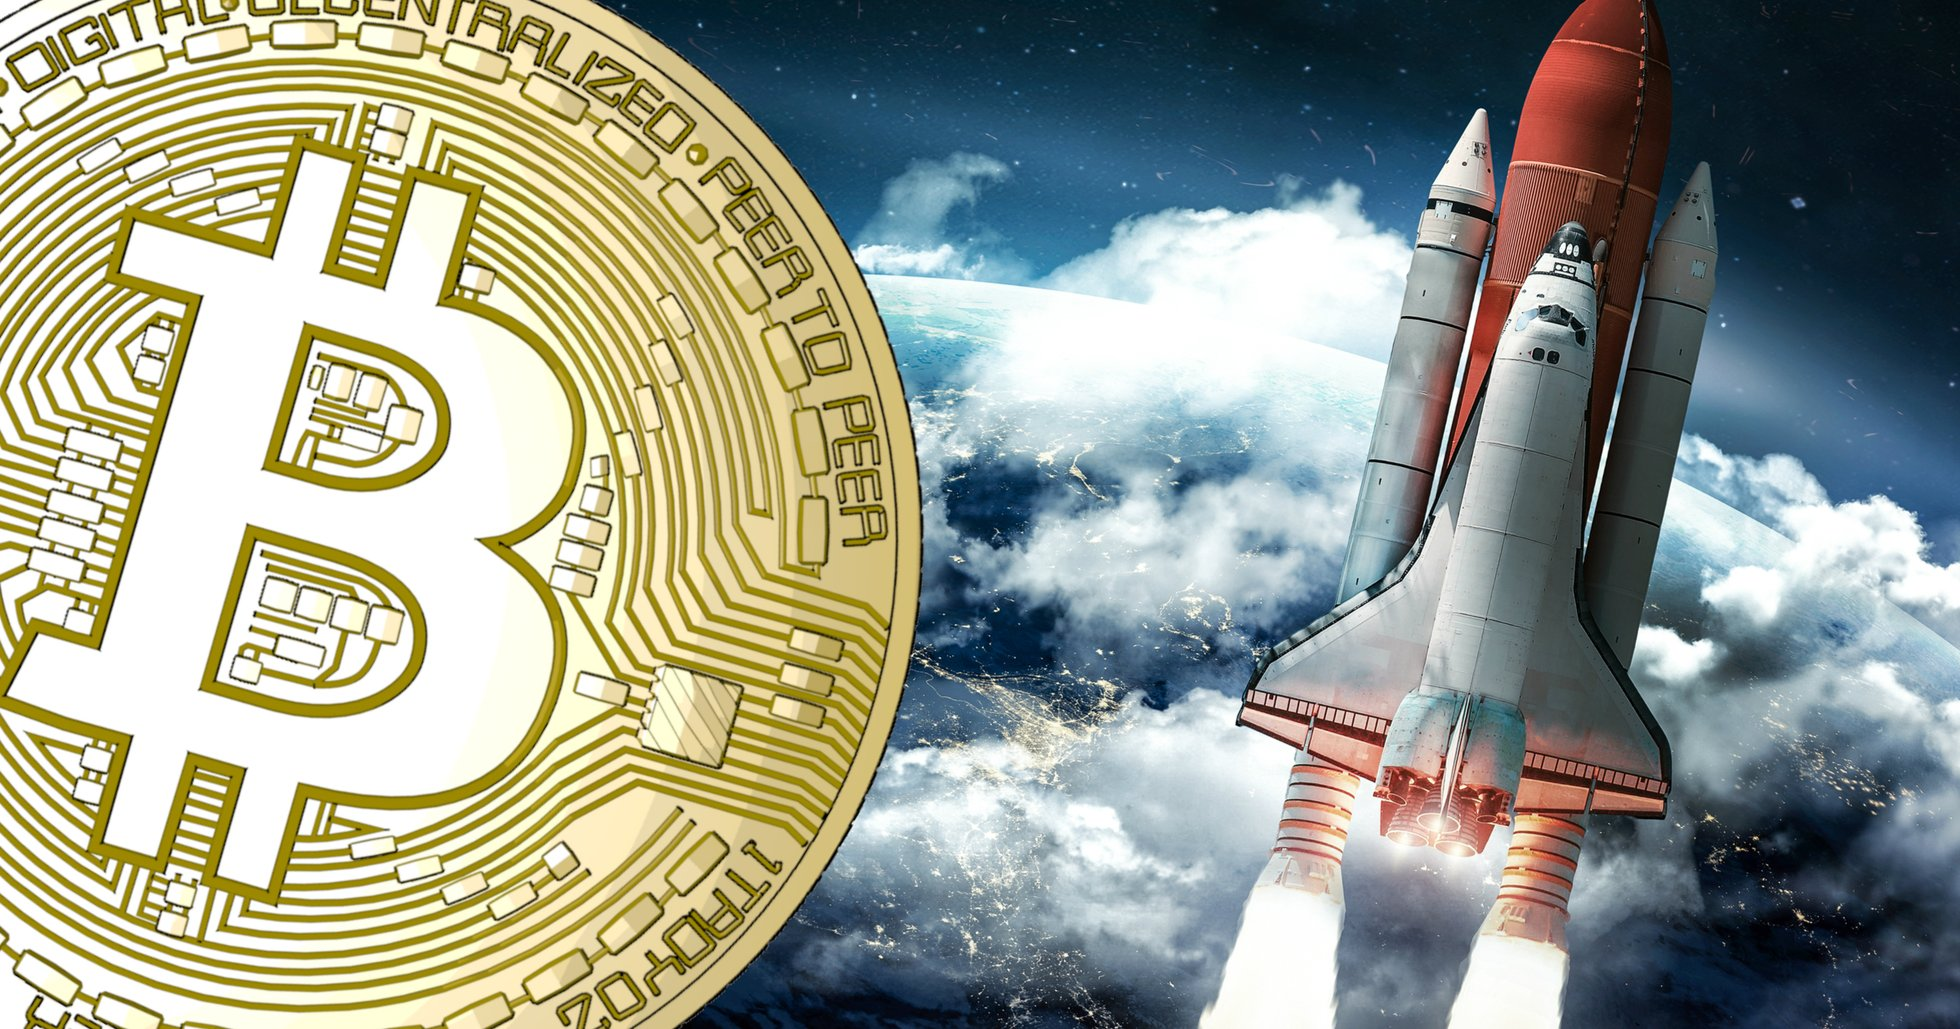 Bitcoinpriset upp 11 procent sedan i helgen – handlas återigen kring 9 000 dollar.